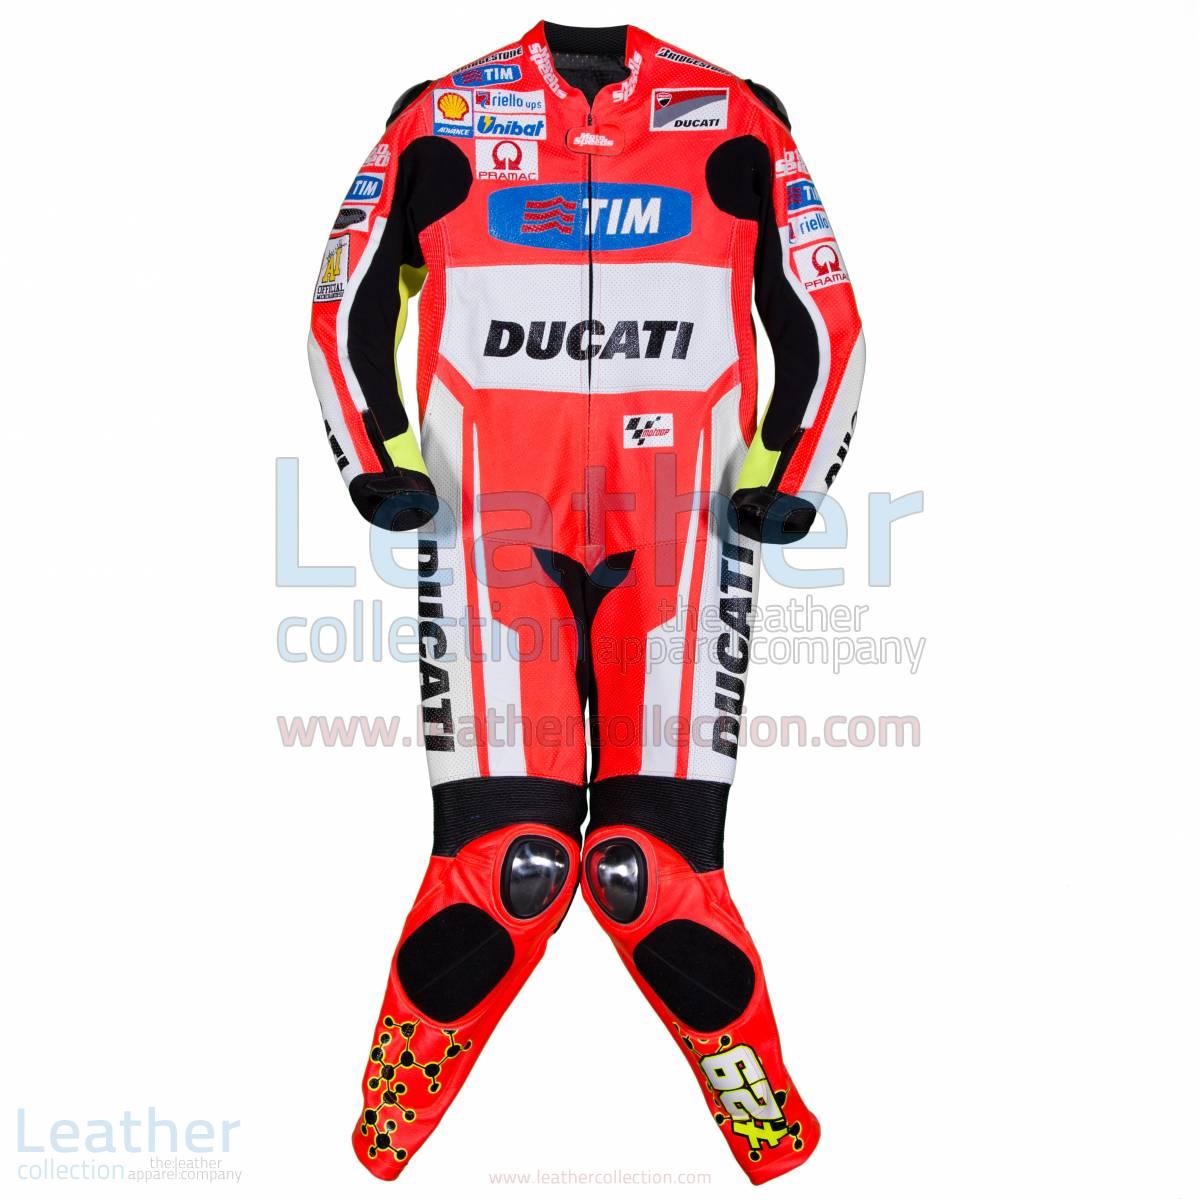 Andrea Iannone Ducati MotoGP 2015 Racing Suit